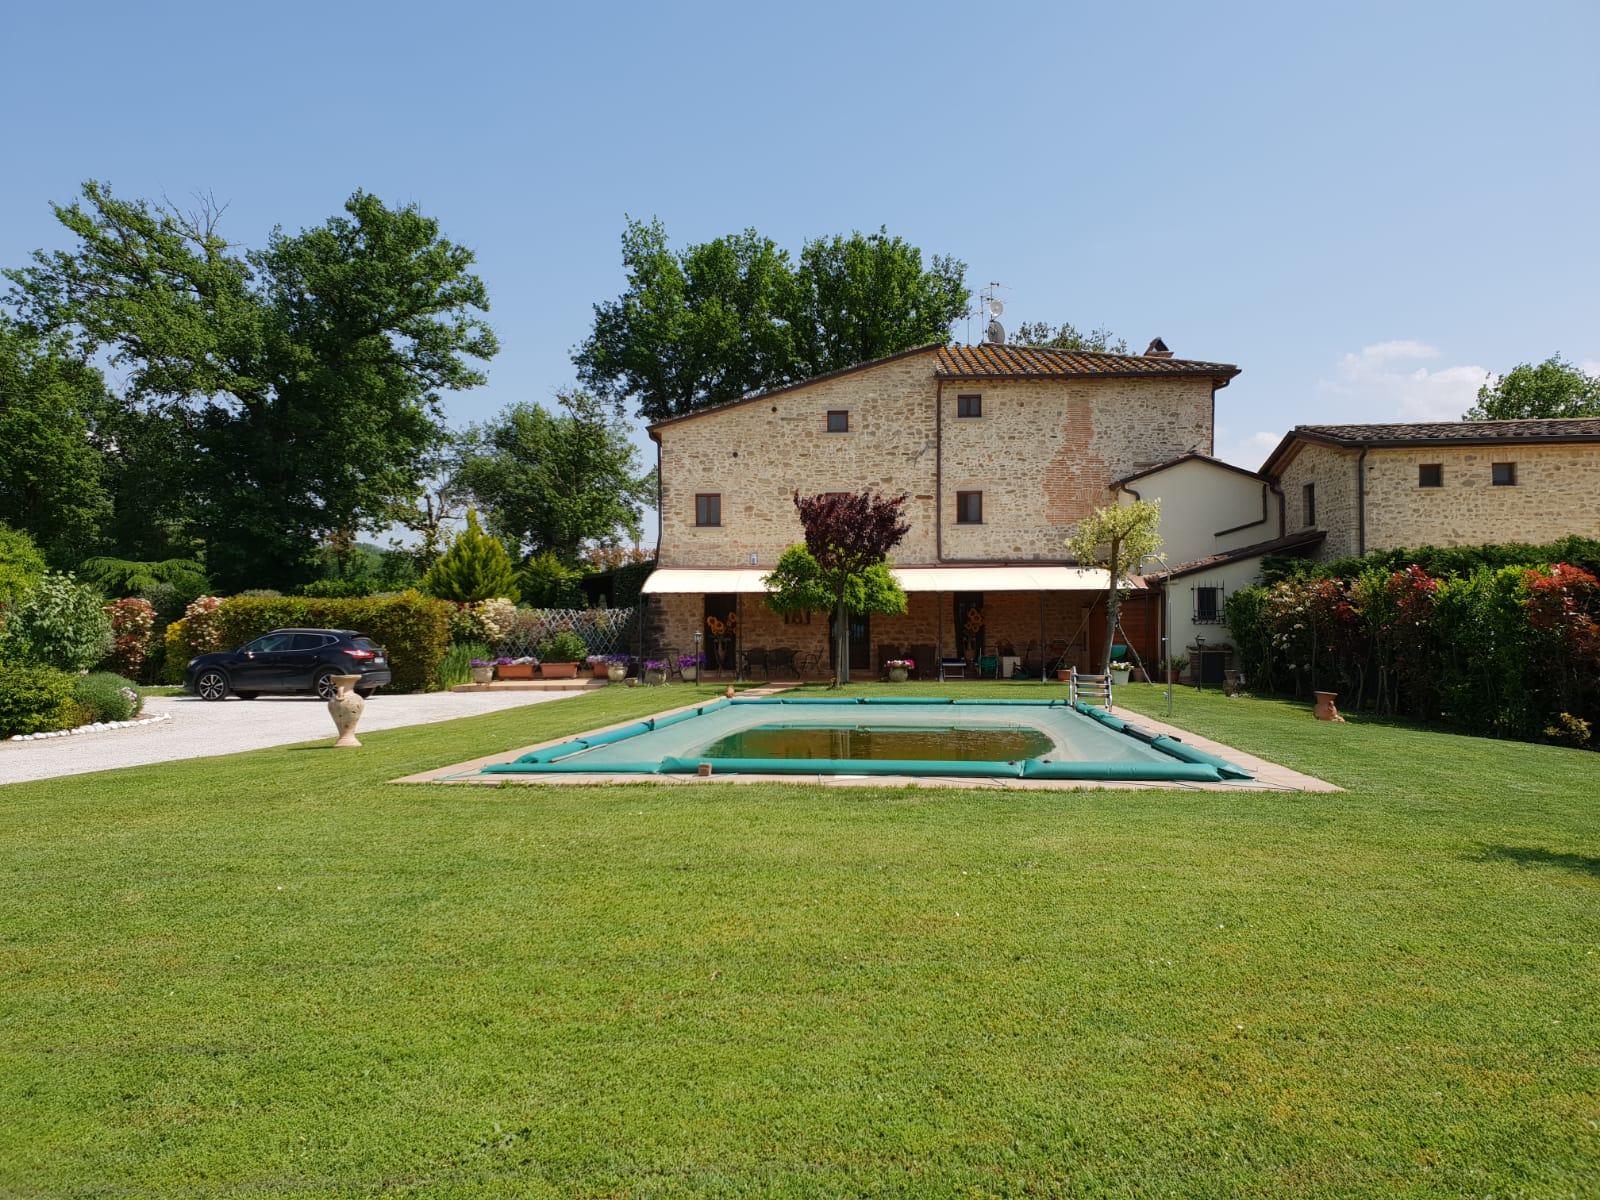 Casale con piscina in vendita, San Giustino